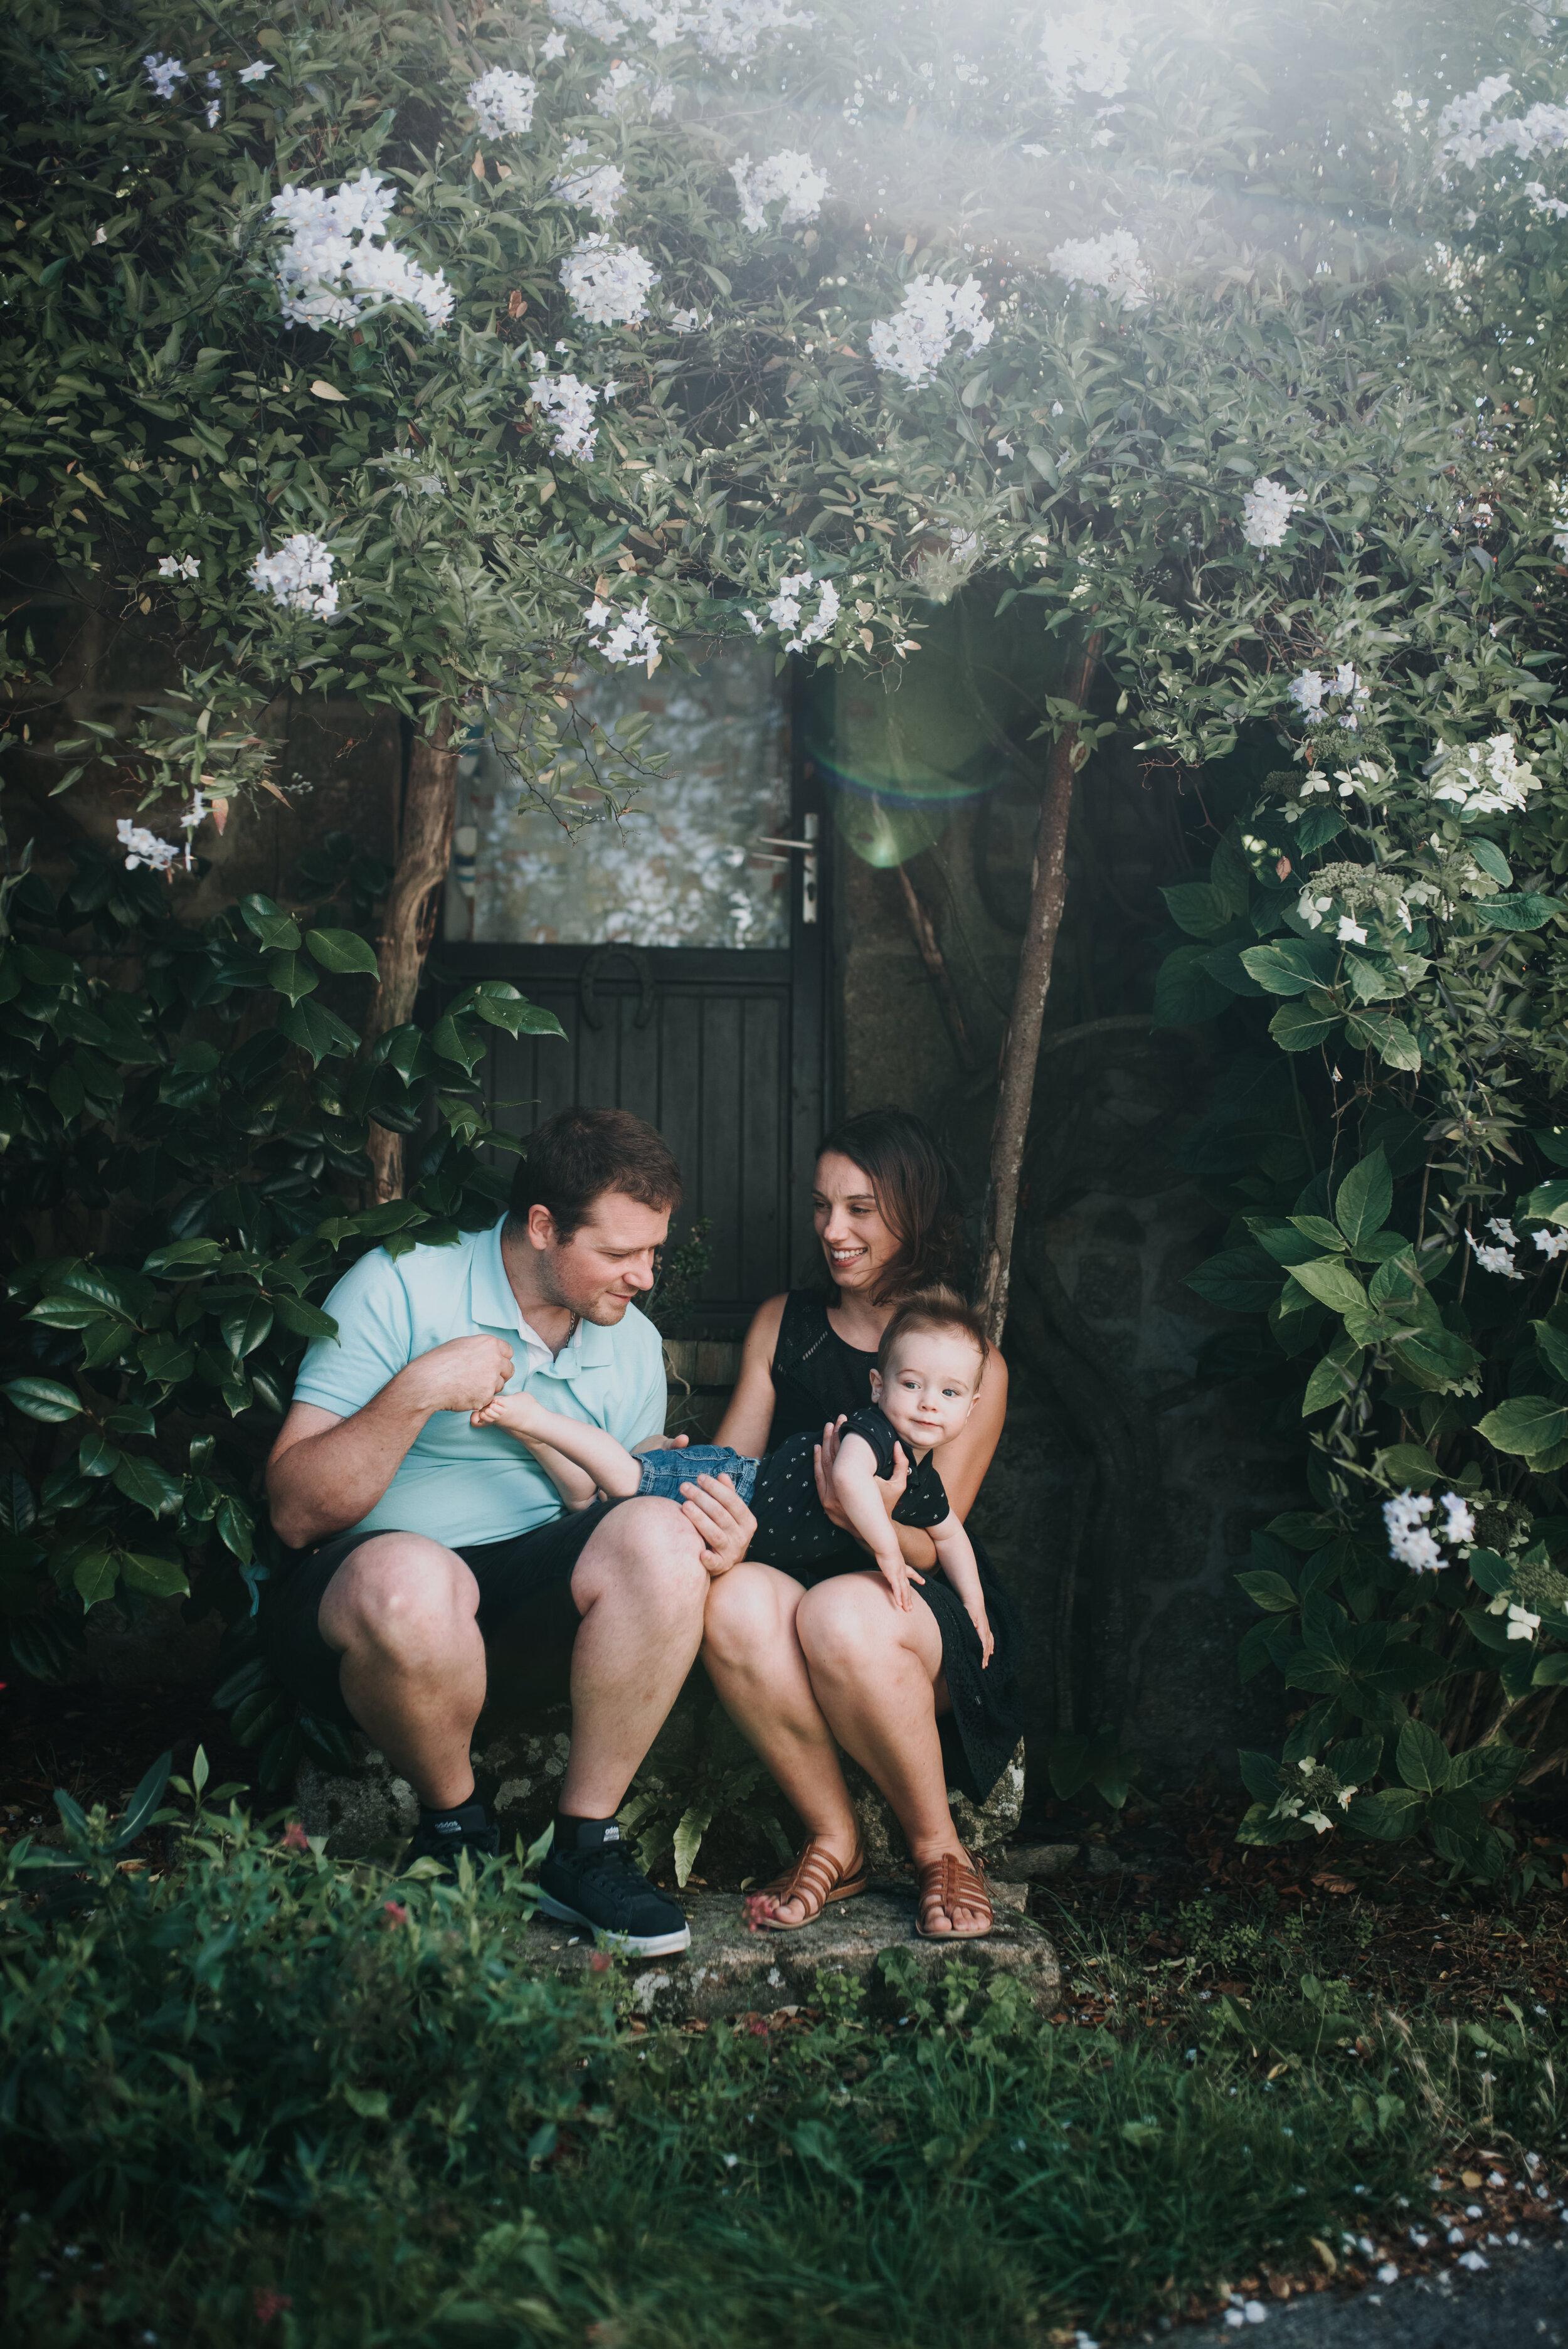 Léa-Fery-photographe-professionnel-Bretagne-portrait-creation-mariage-evenement-evenementiel-famille-2084.jpg